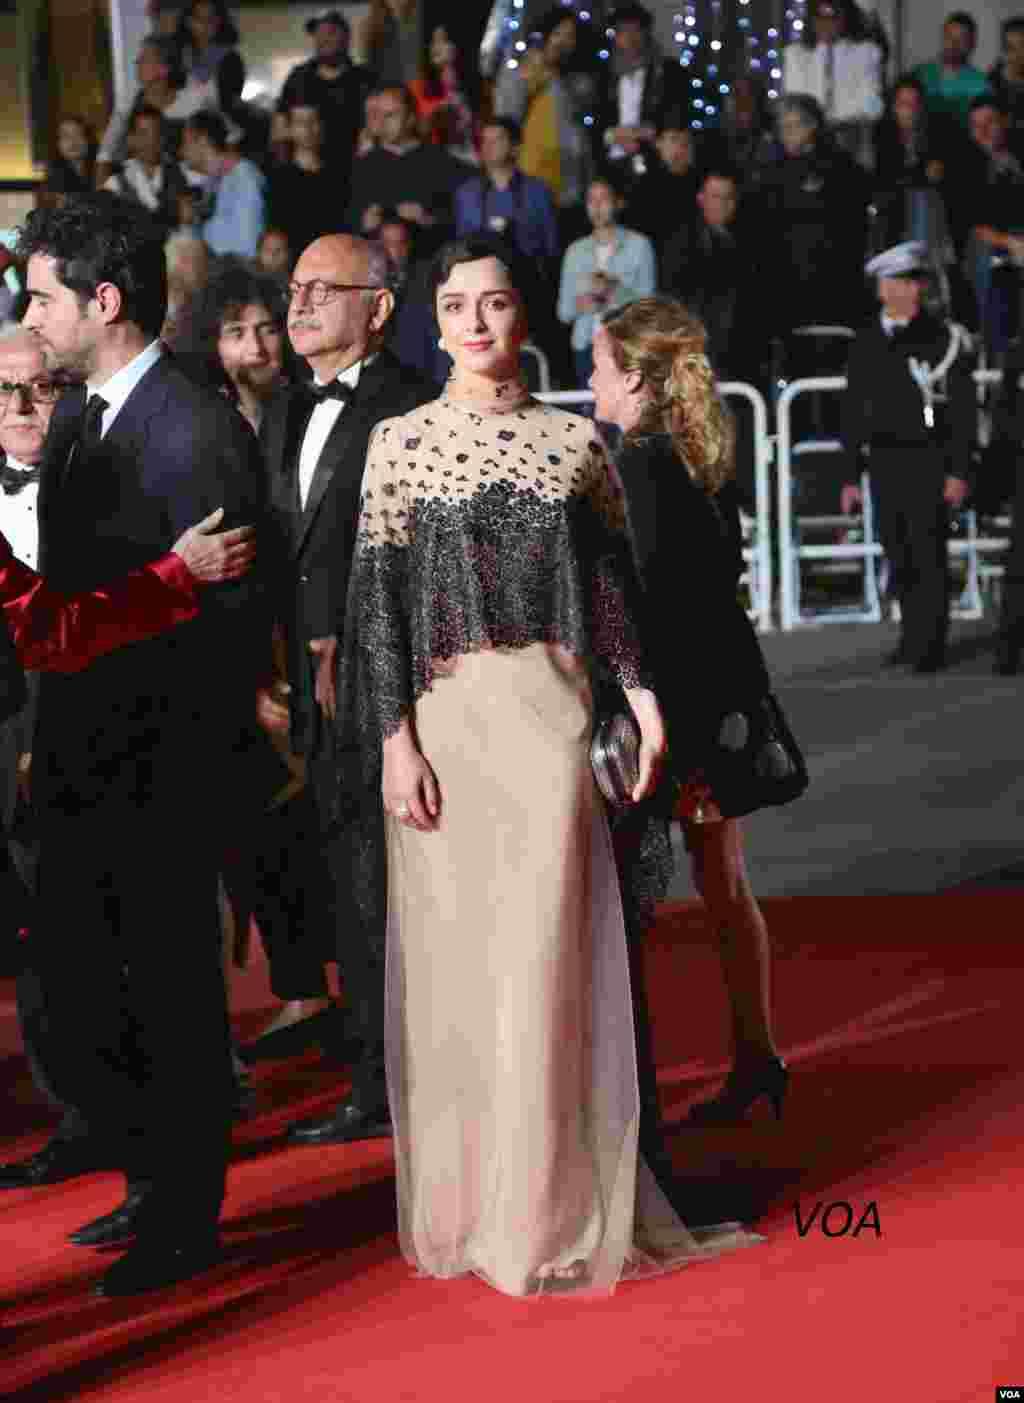 ترانه علیدوستی روی فرش قرمز جشنواره فیلم کن در فرانسه.